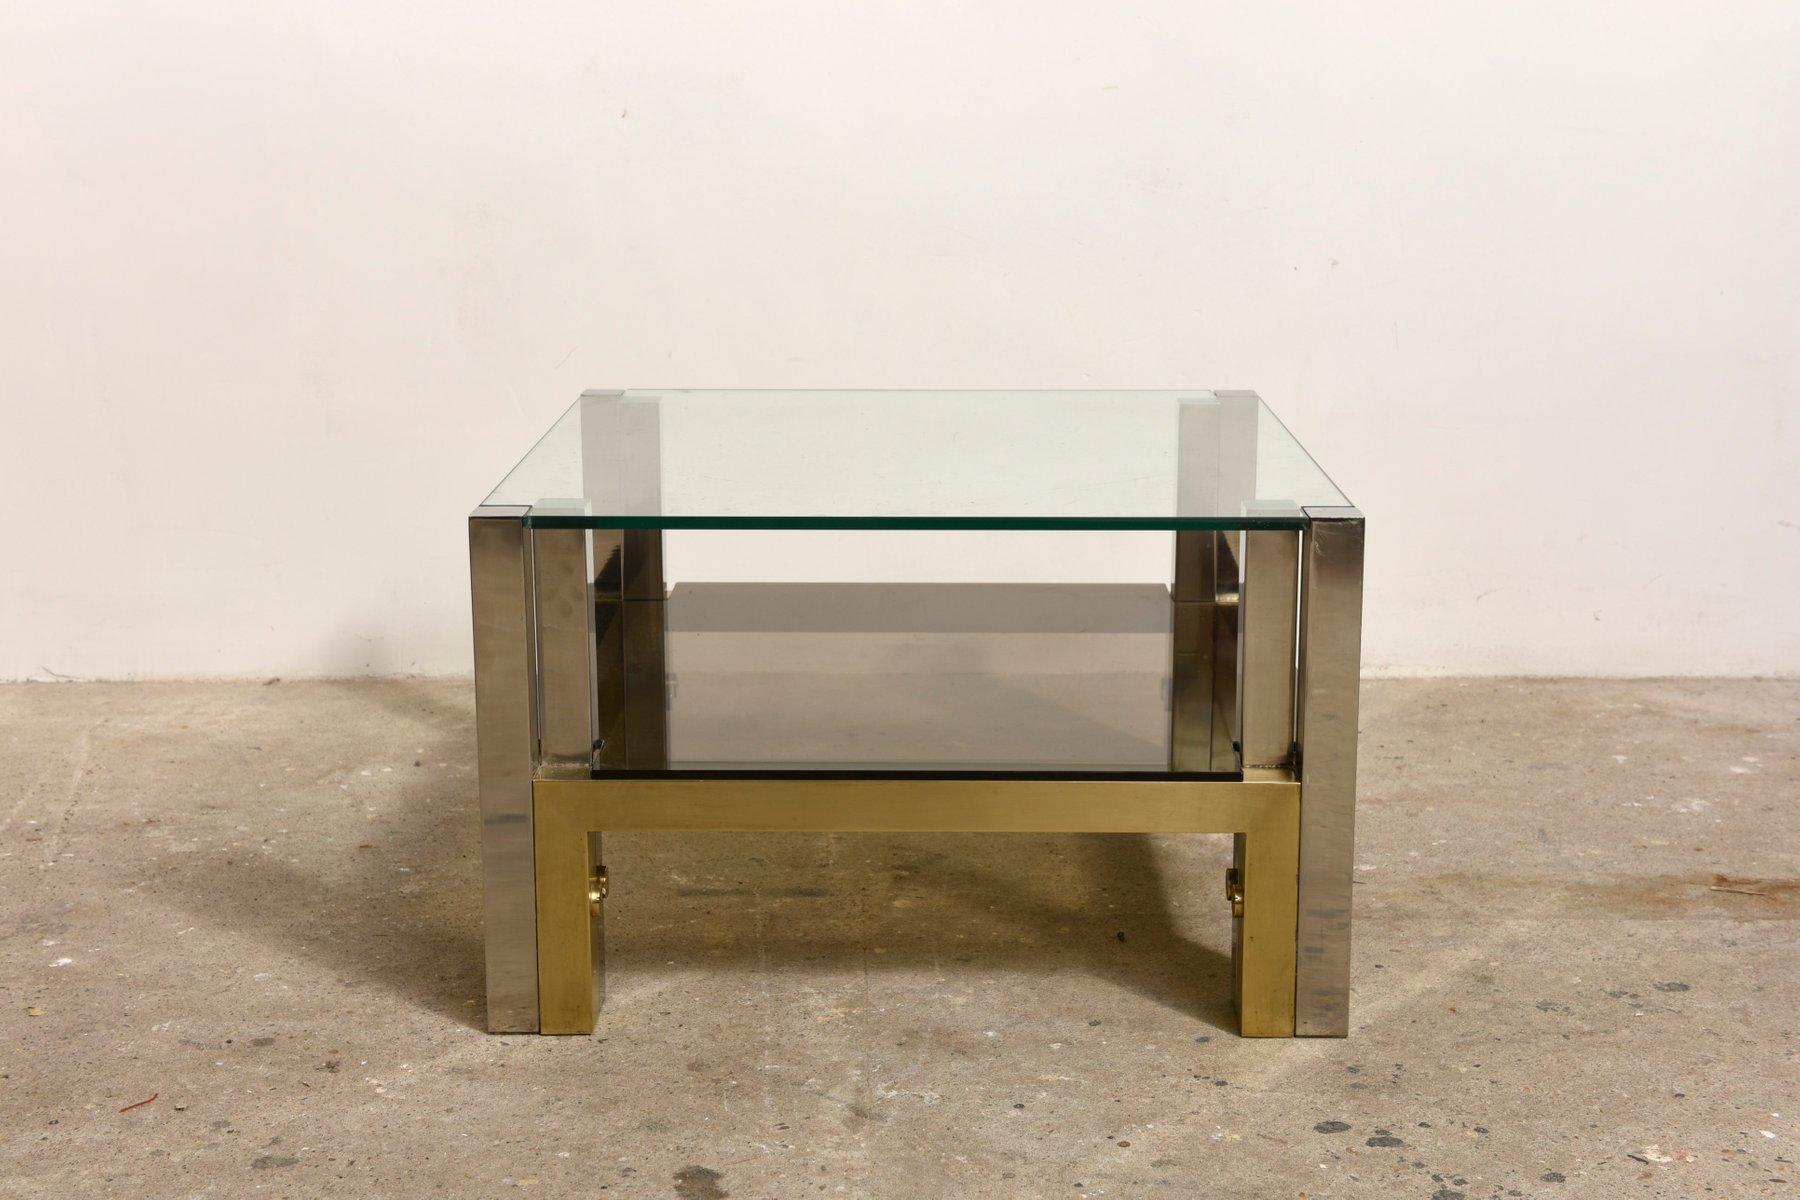 Couchtisch aus Messing mit Glasplatte und Ablage von Willy Rizzo, 1960...